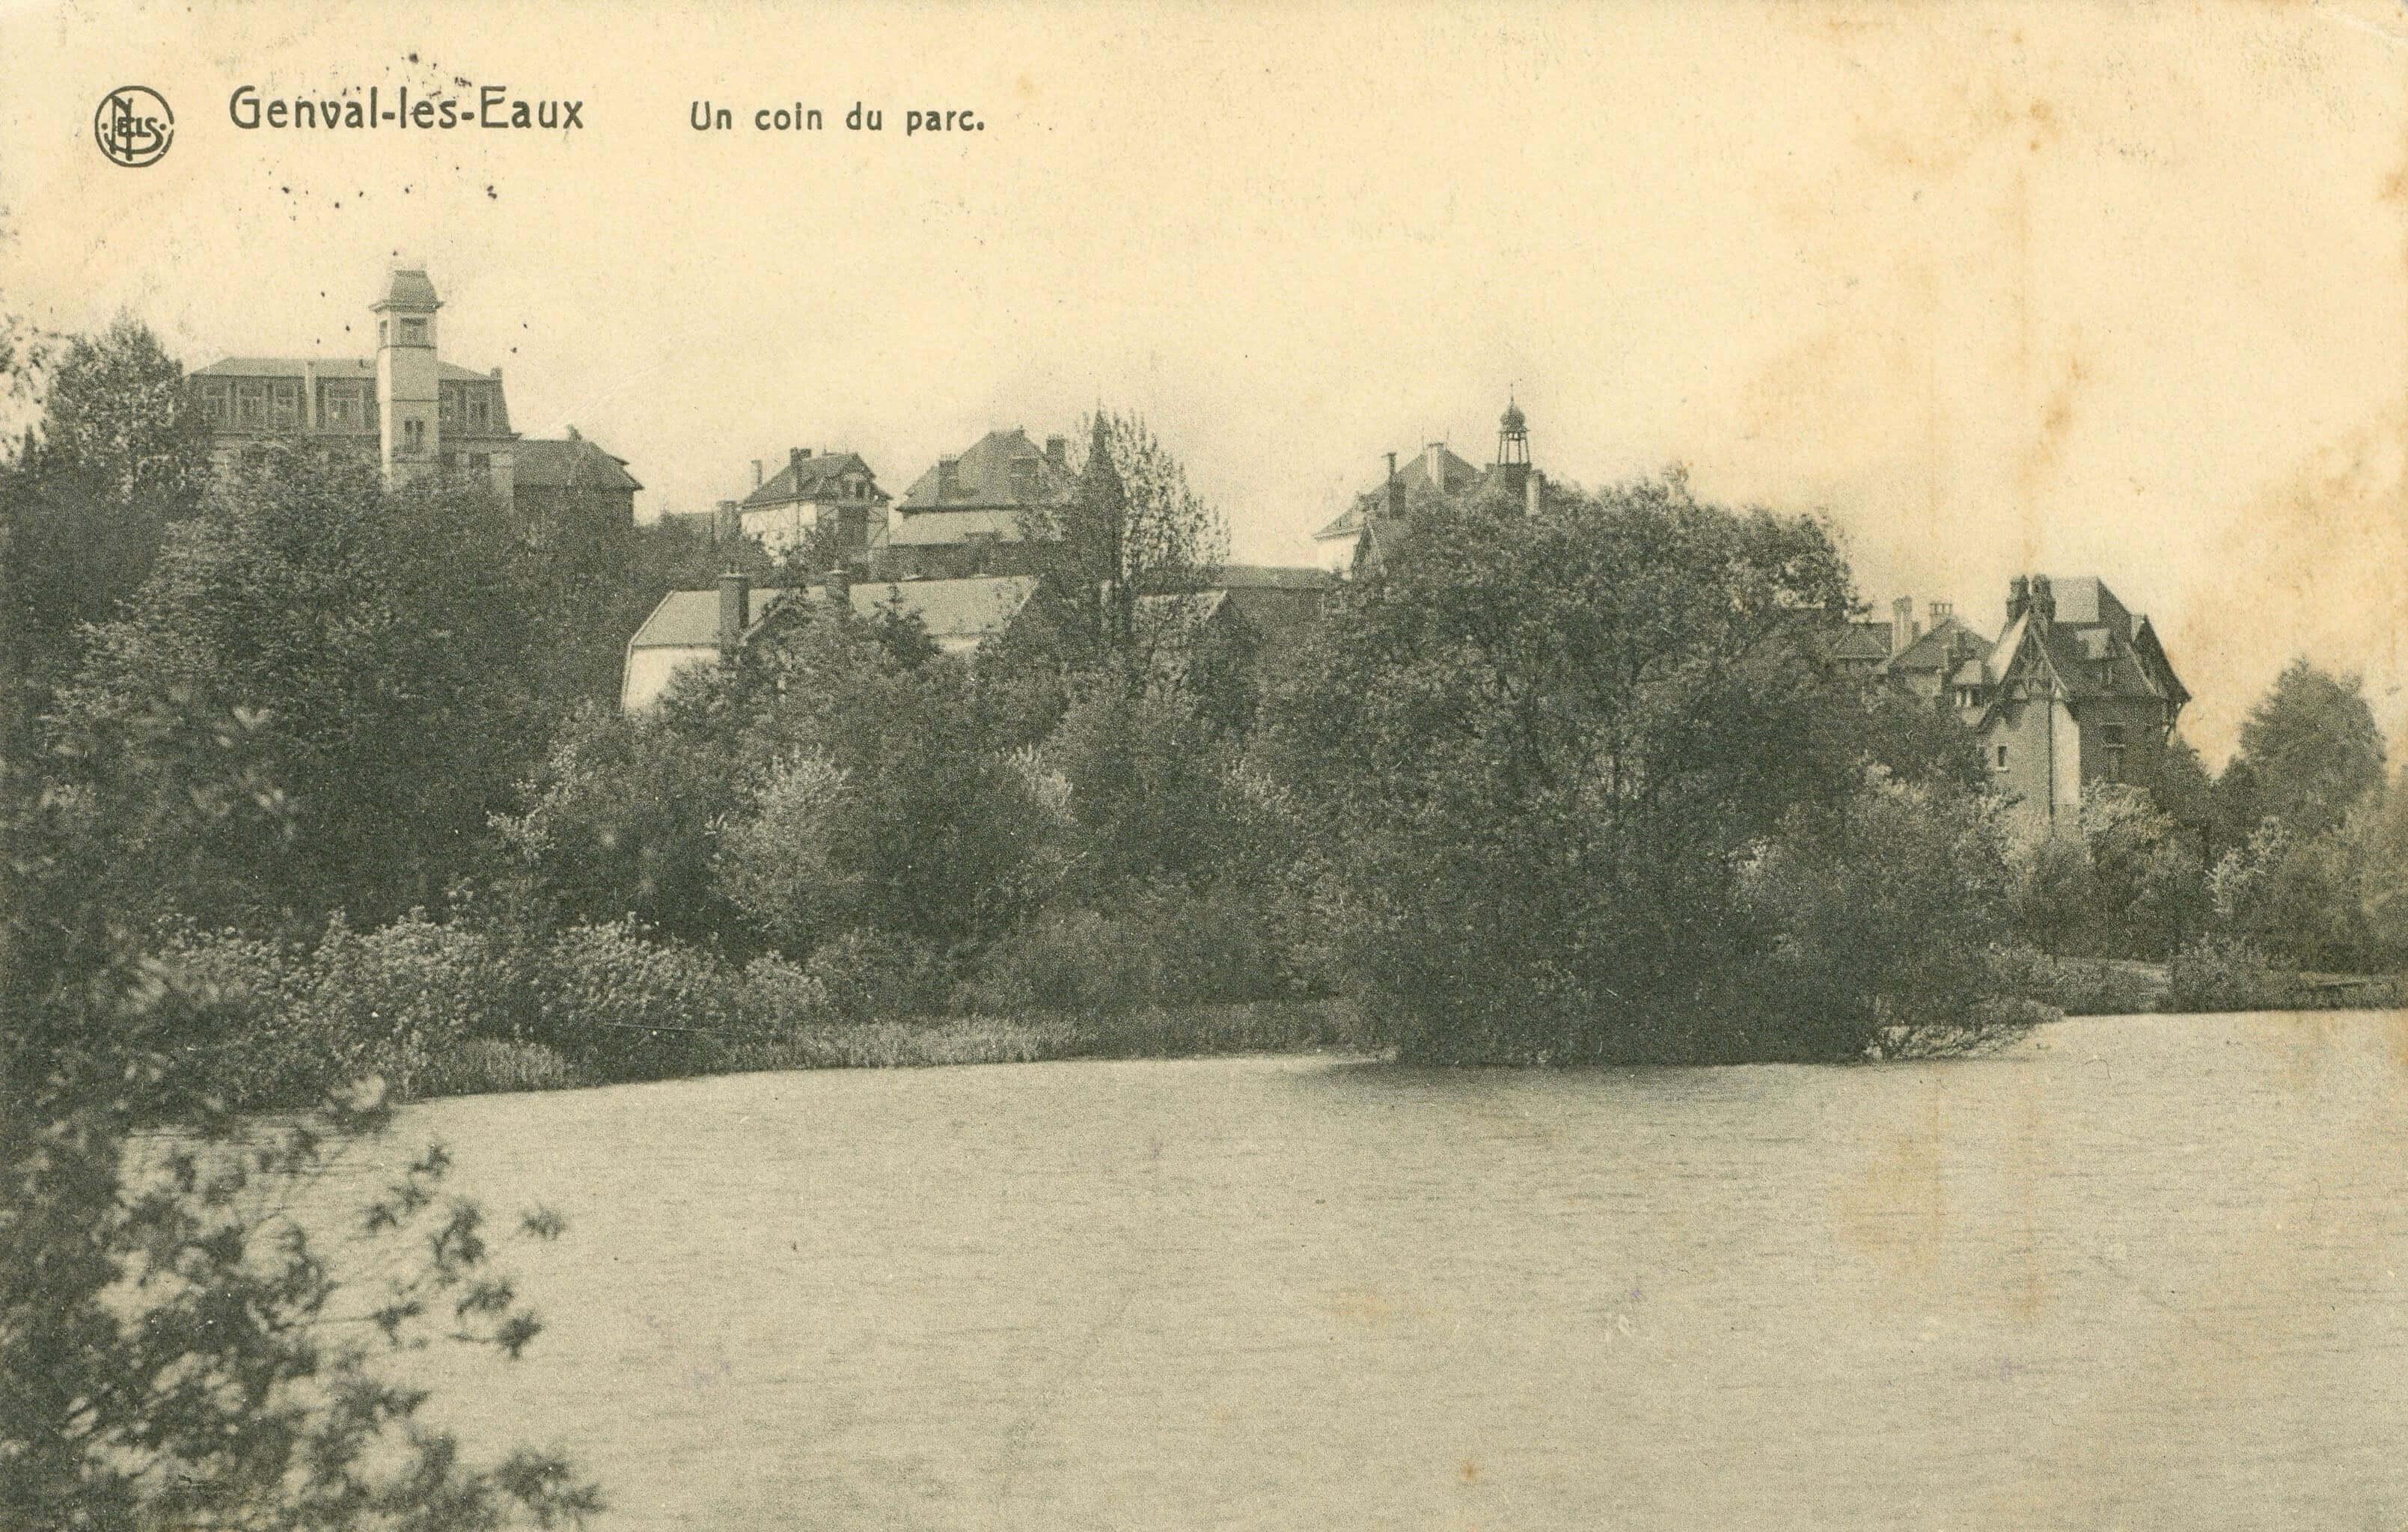 3 Un coin du parc de Genval circ 1914 coll. Jean-Claude Renier (1)